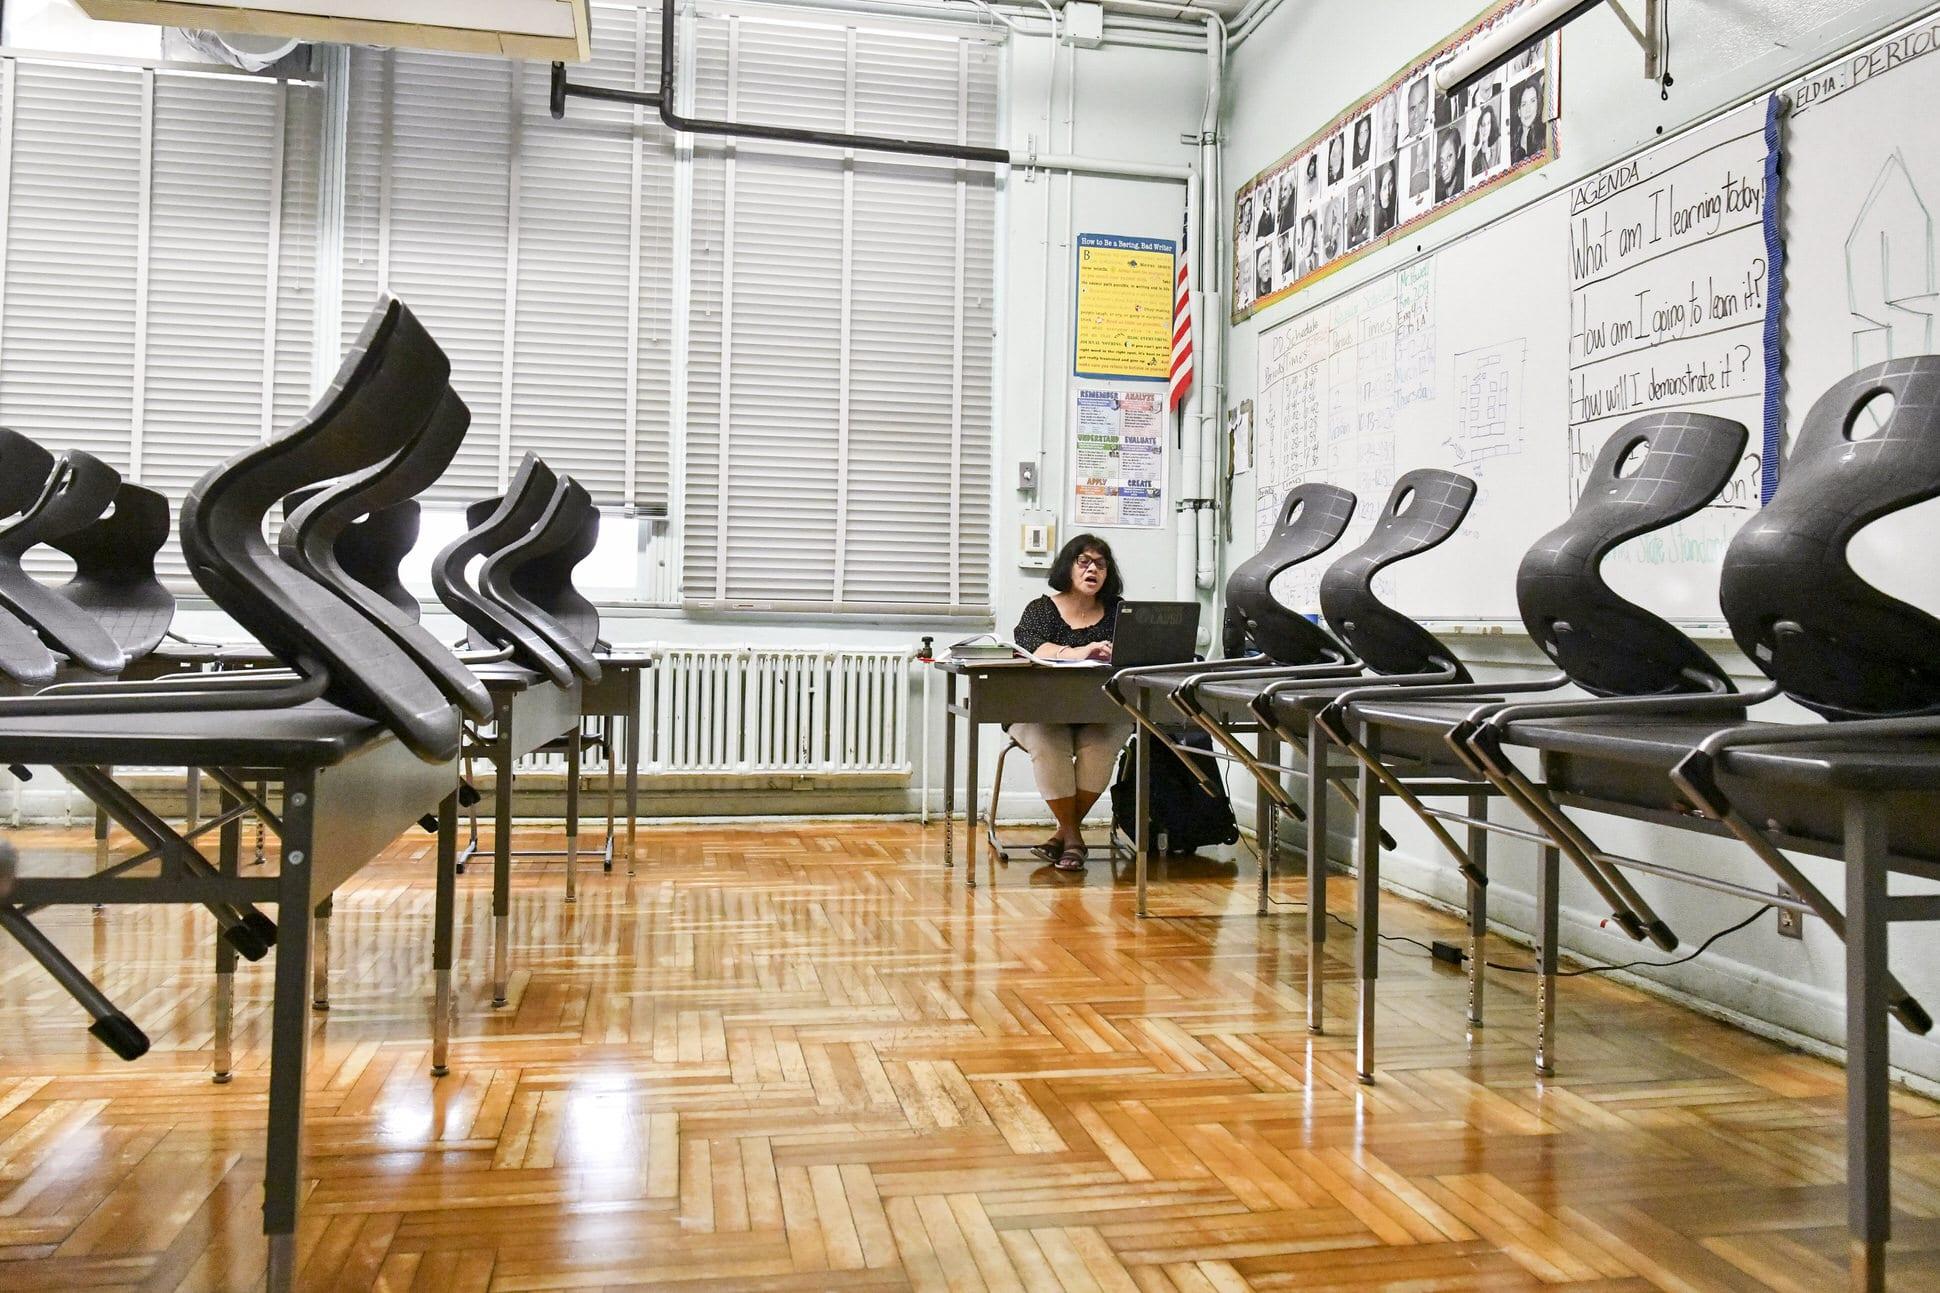 Teacher conducts class from an empty classroom.